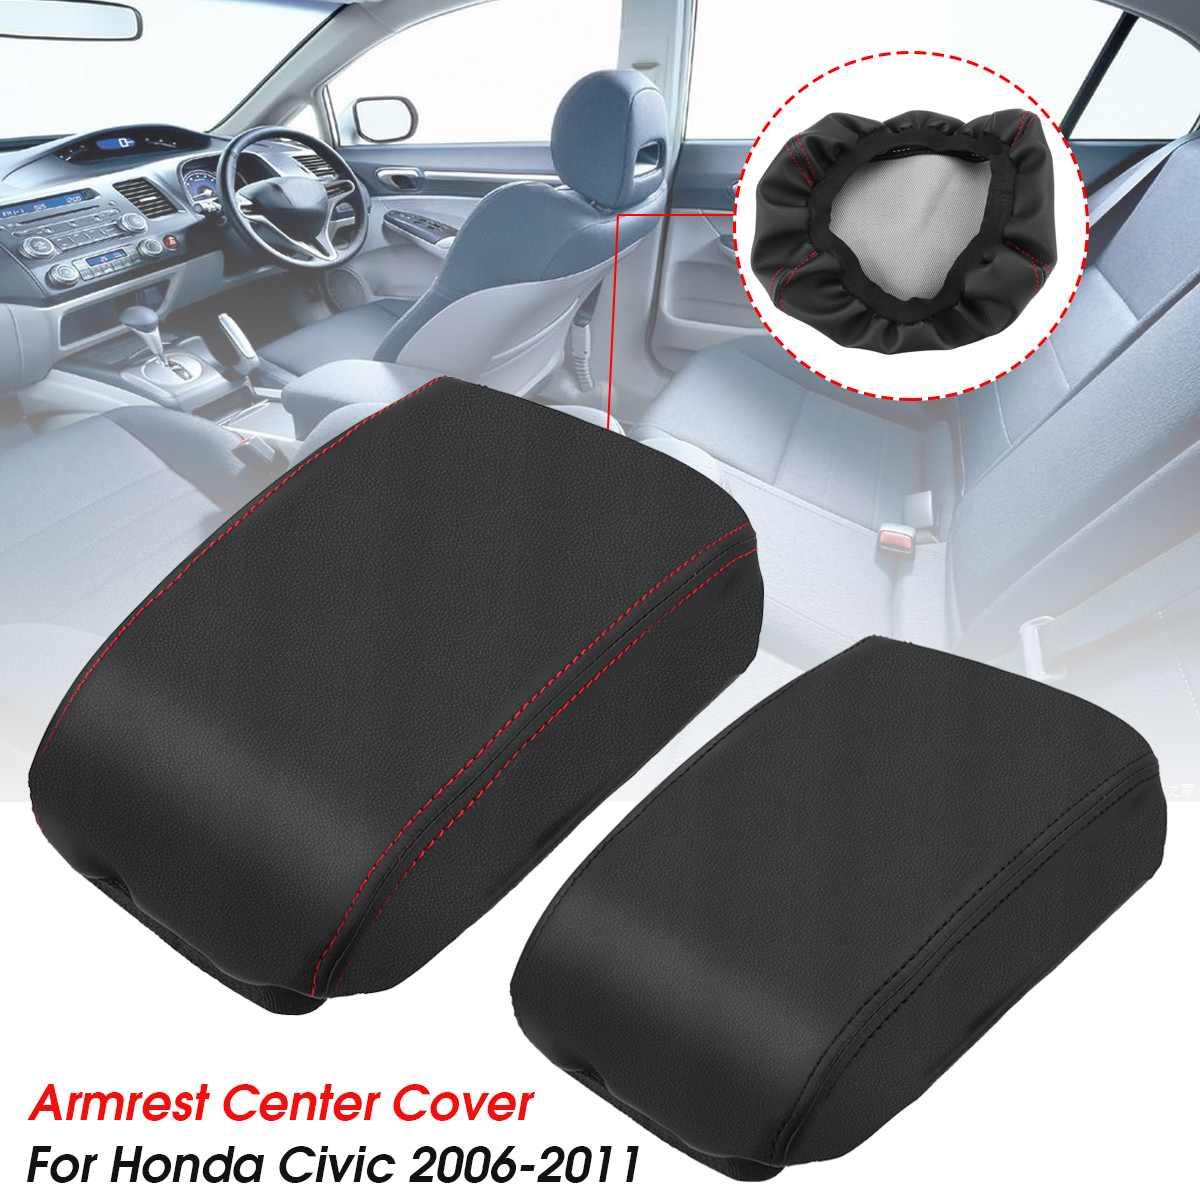 Автомобильный подлокотник из искусственной кожи, чехлы для центральной консоли, чехлы для Honda/Civic 8th Gen 2006 2007 2008 2009 2011